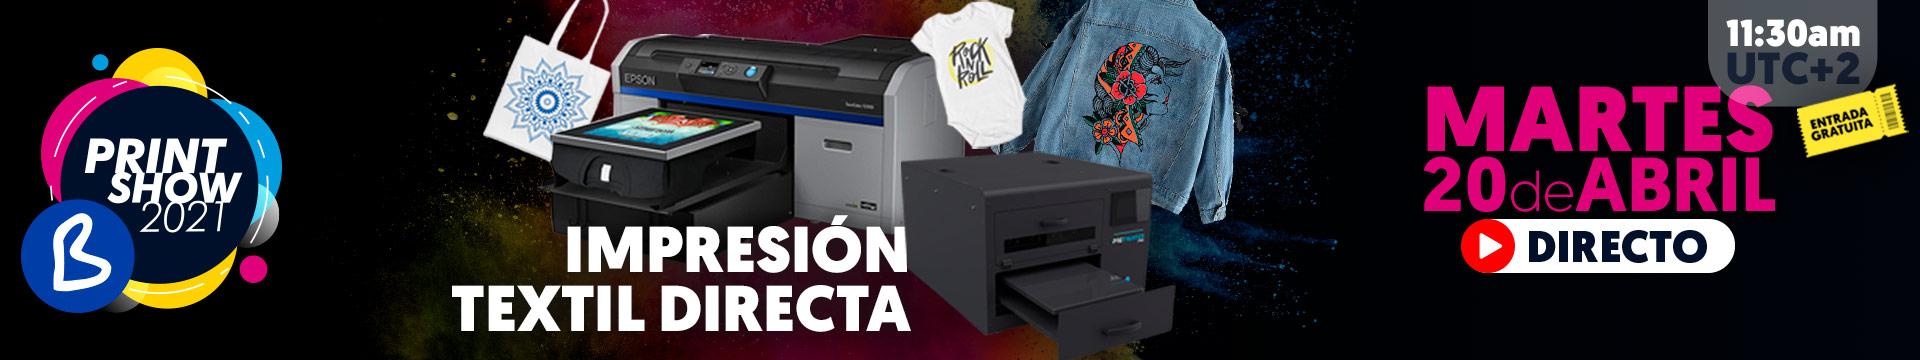 Directo DTG Impresión textil directa - Martes 20